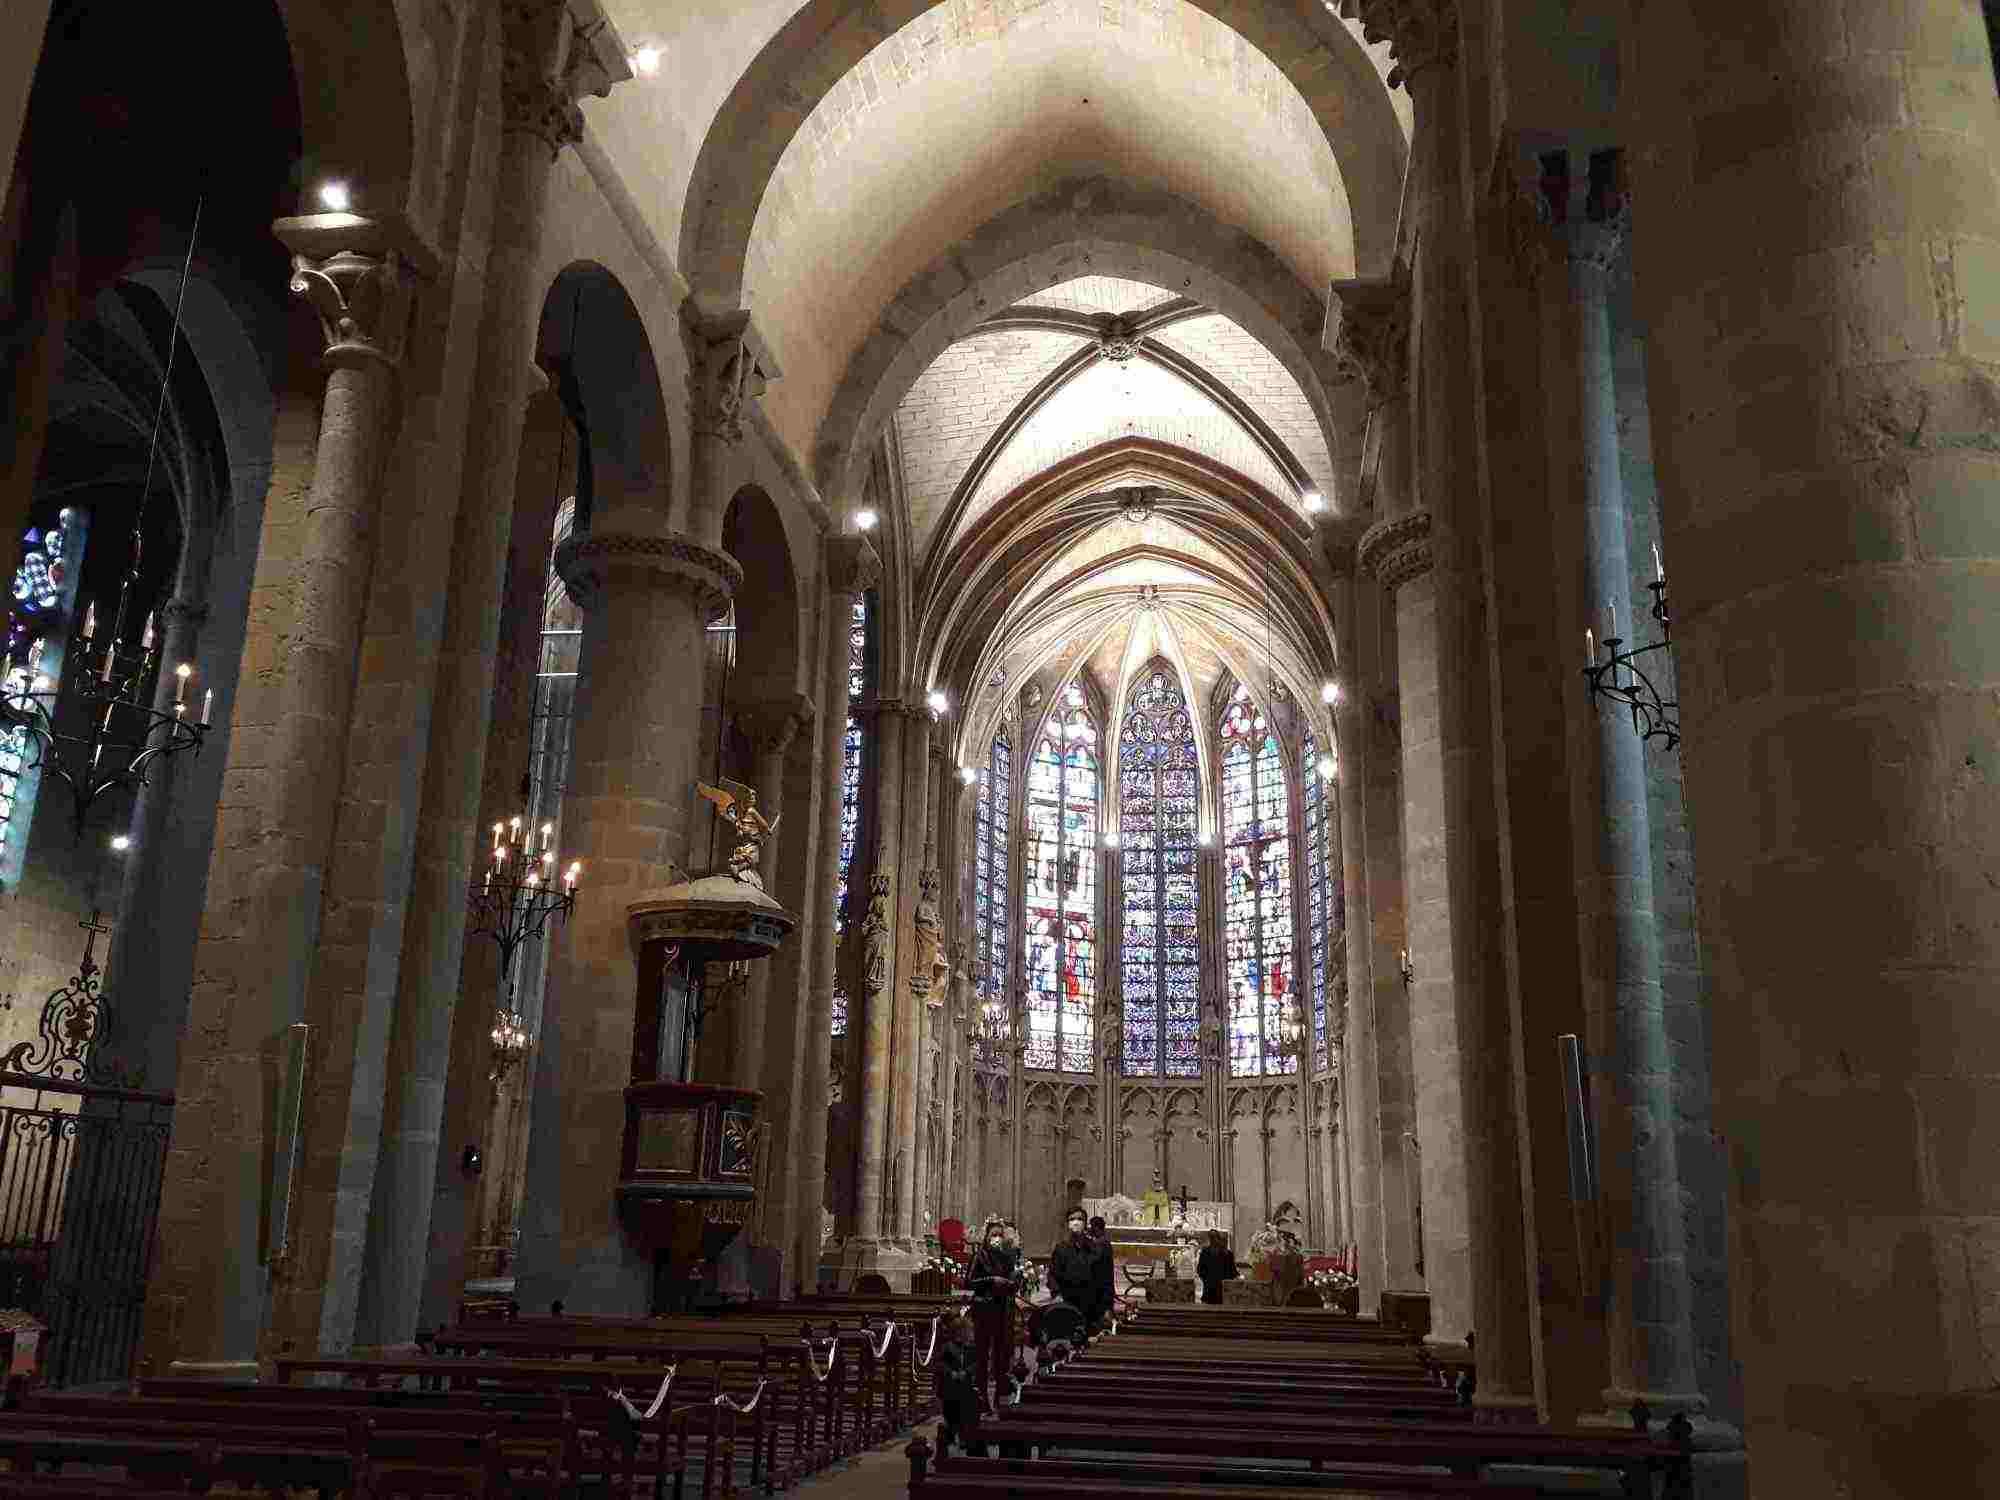 Interior de la Basílica de Saint-Nazaire de Carcassonne con sus características vidrieras al fondo